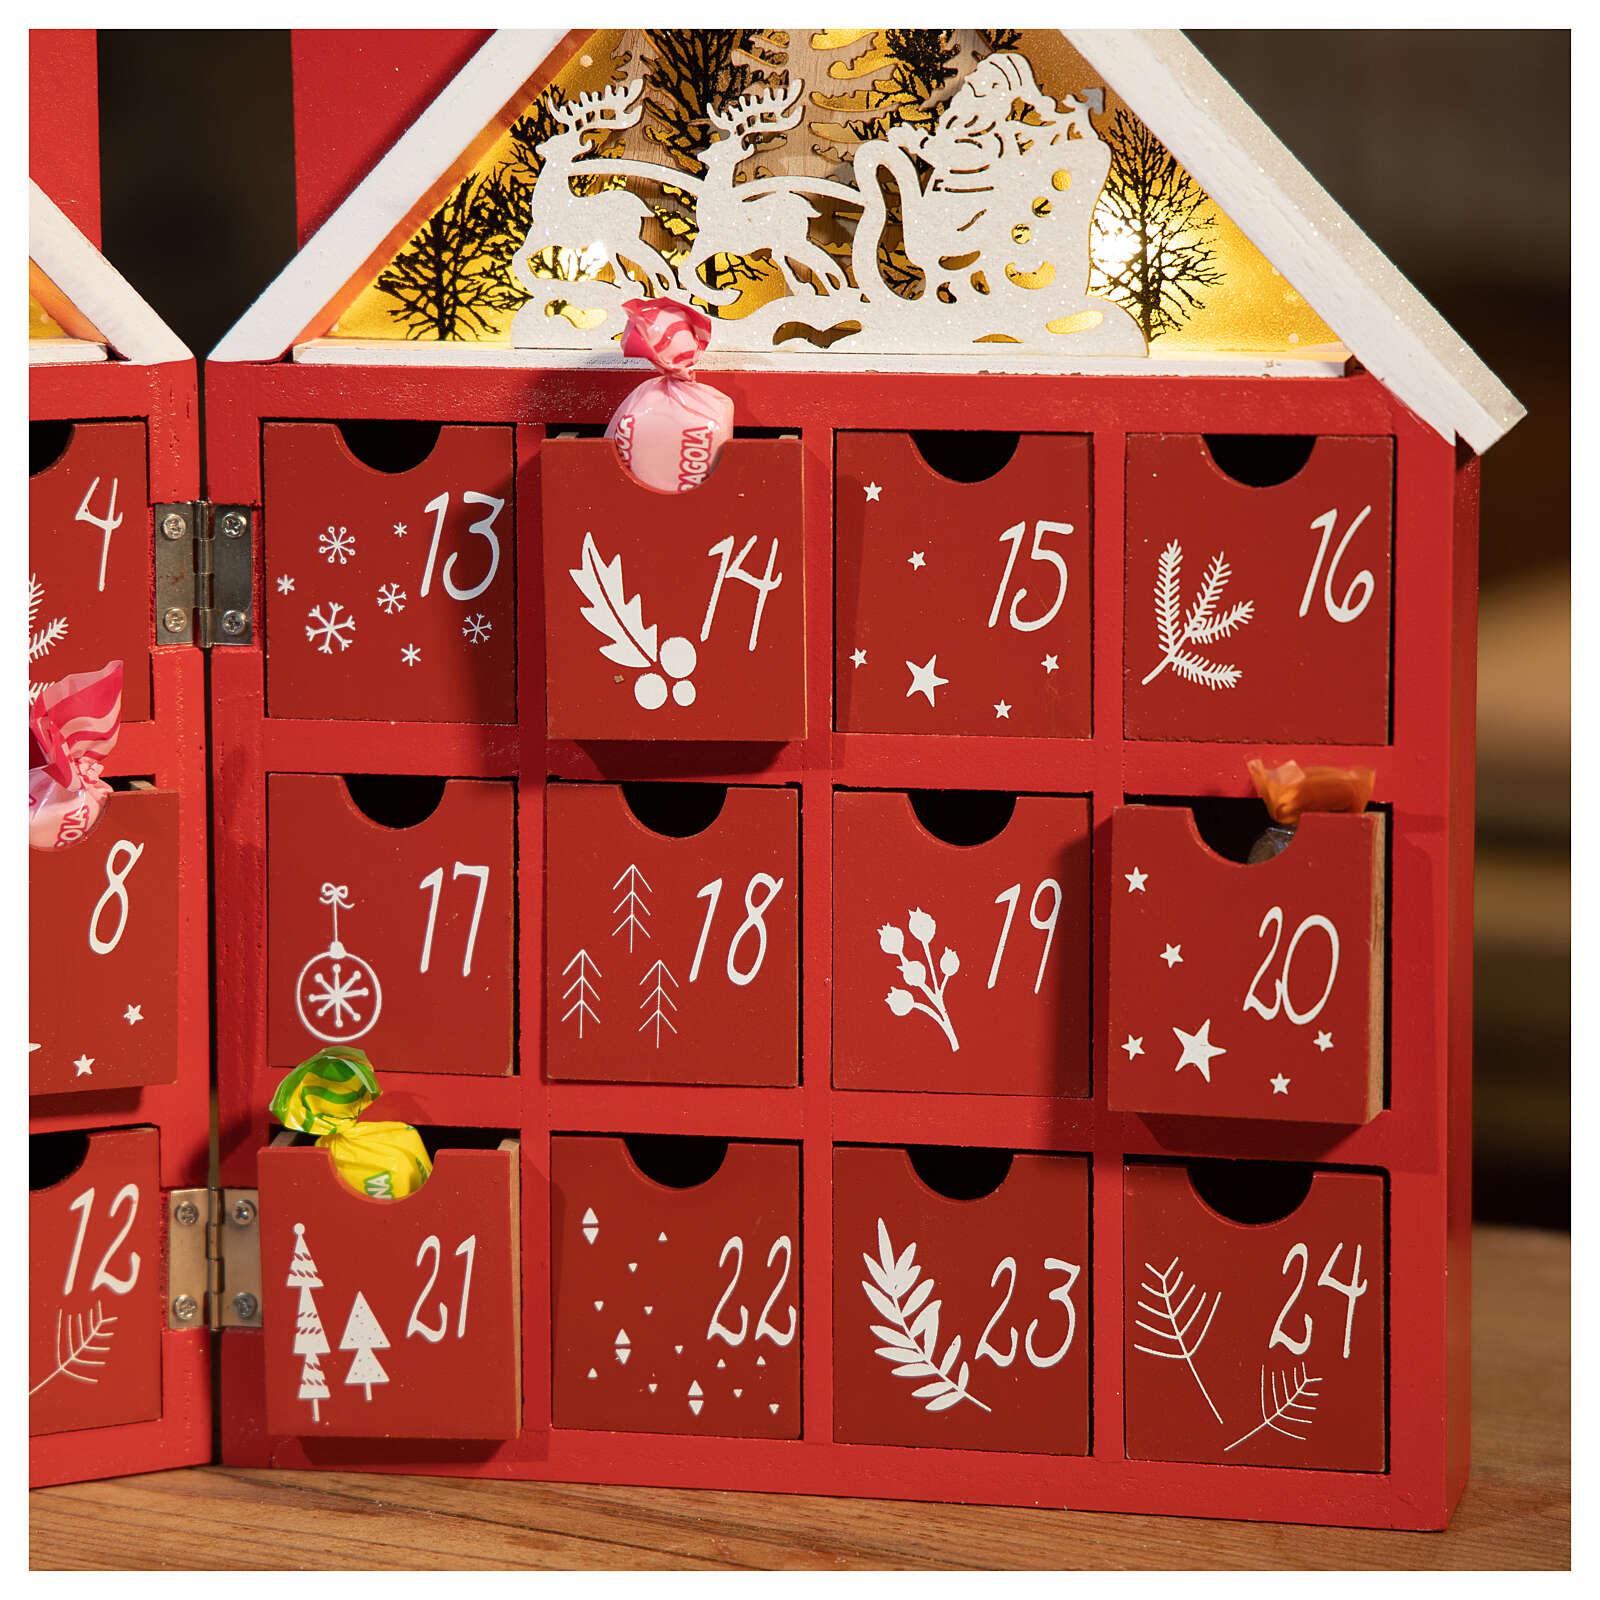 Kalendarz adwentowy z drewna w kształcie domku podświetlanego 30x40x5 cm 3